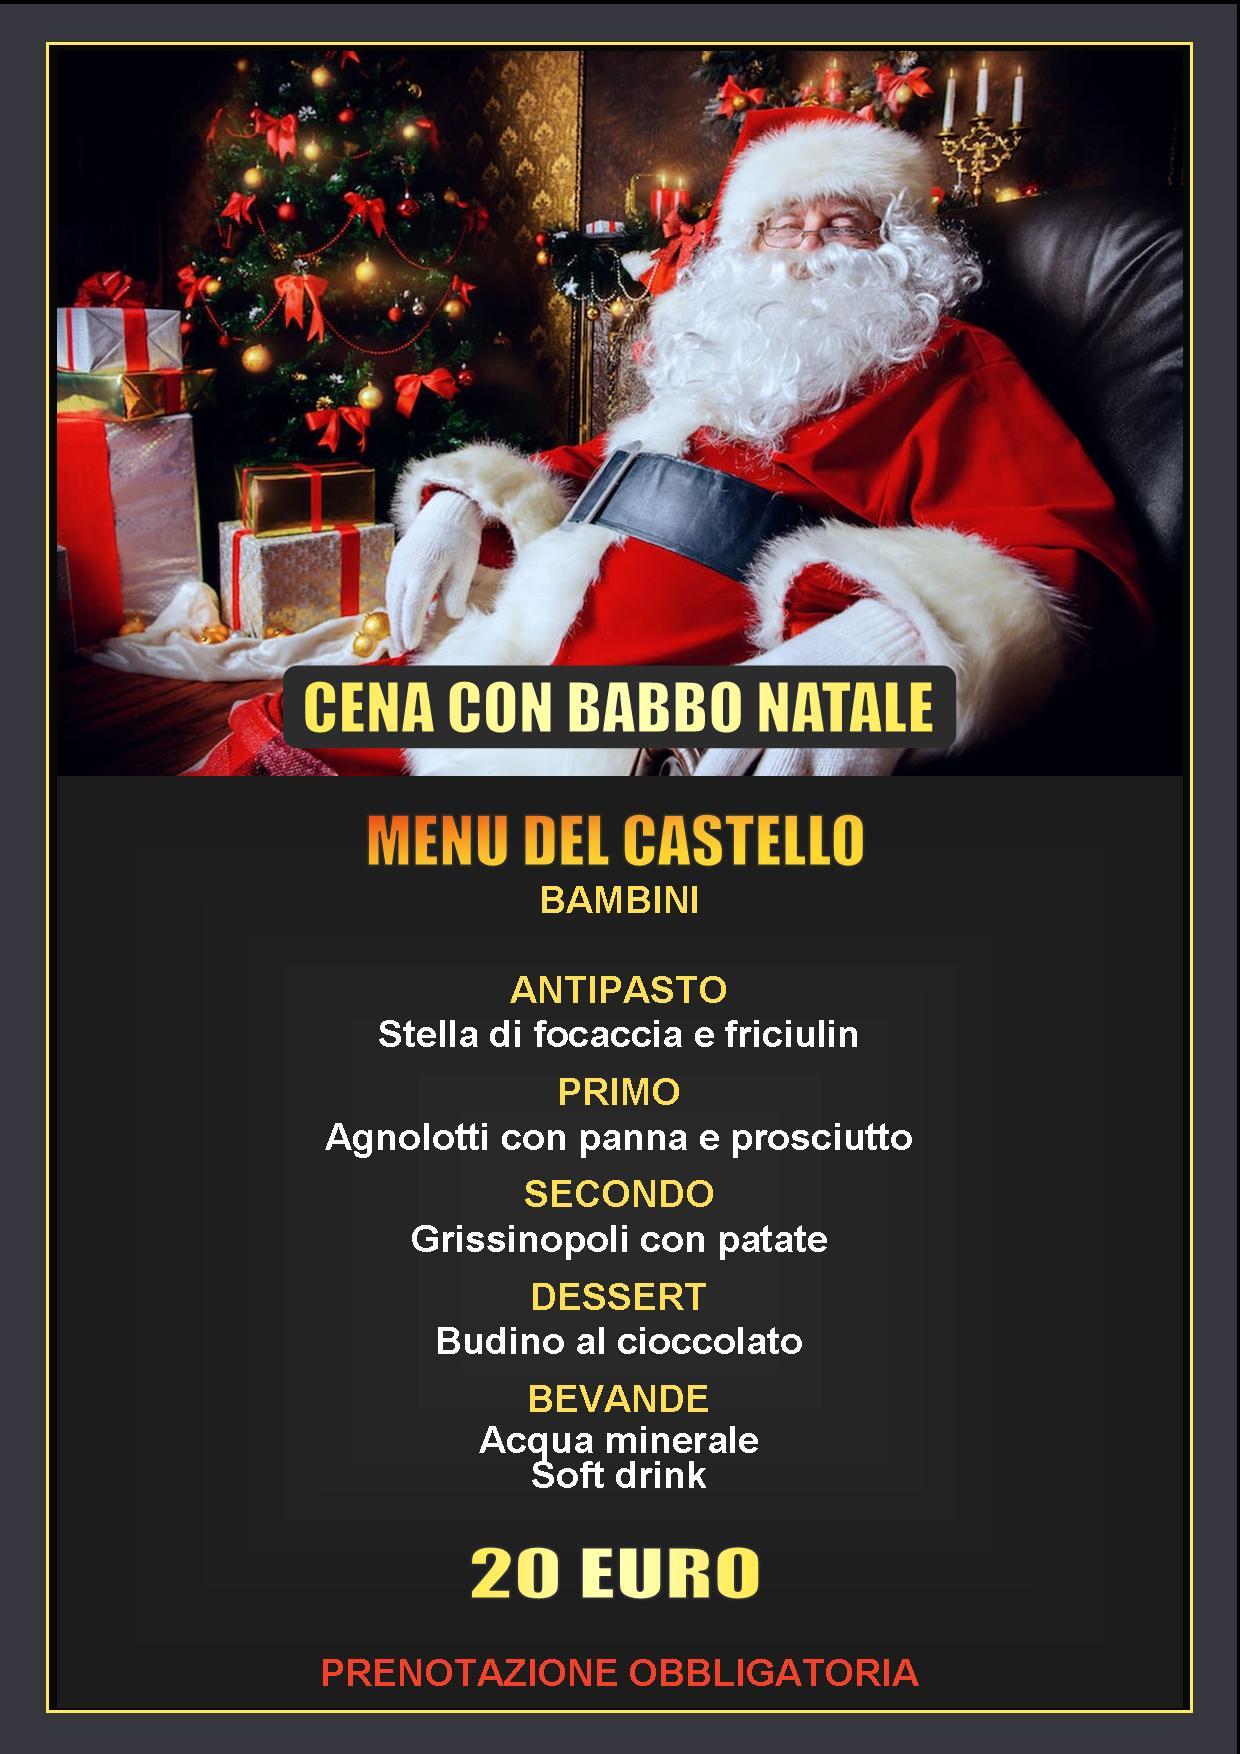 Descrizione Di Babbo Natale Per Bambini.Cena Con Babbo Natale Al Castello Di Monticello D Alba Cn Per Una